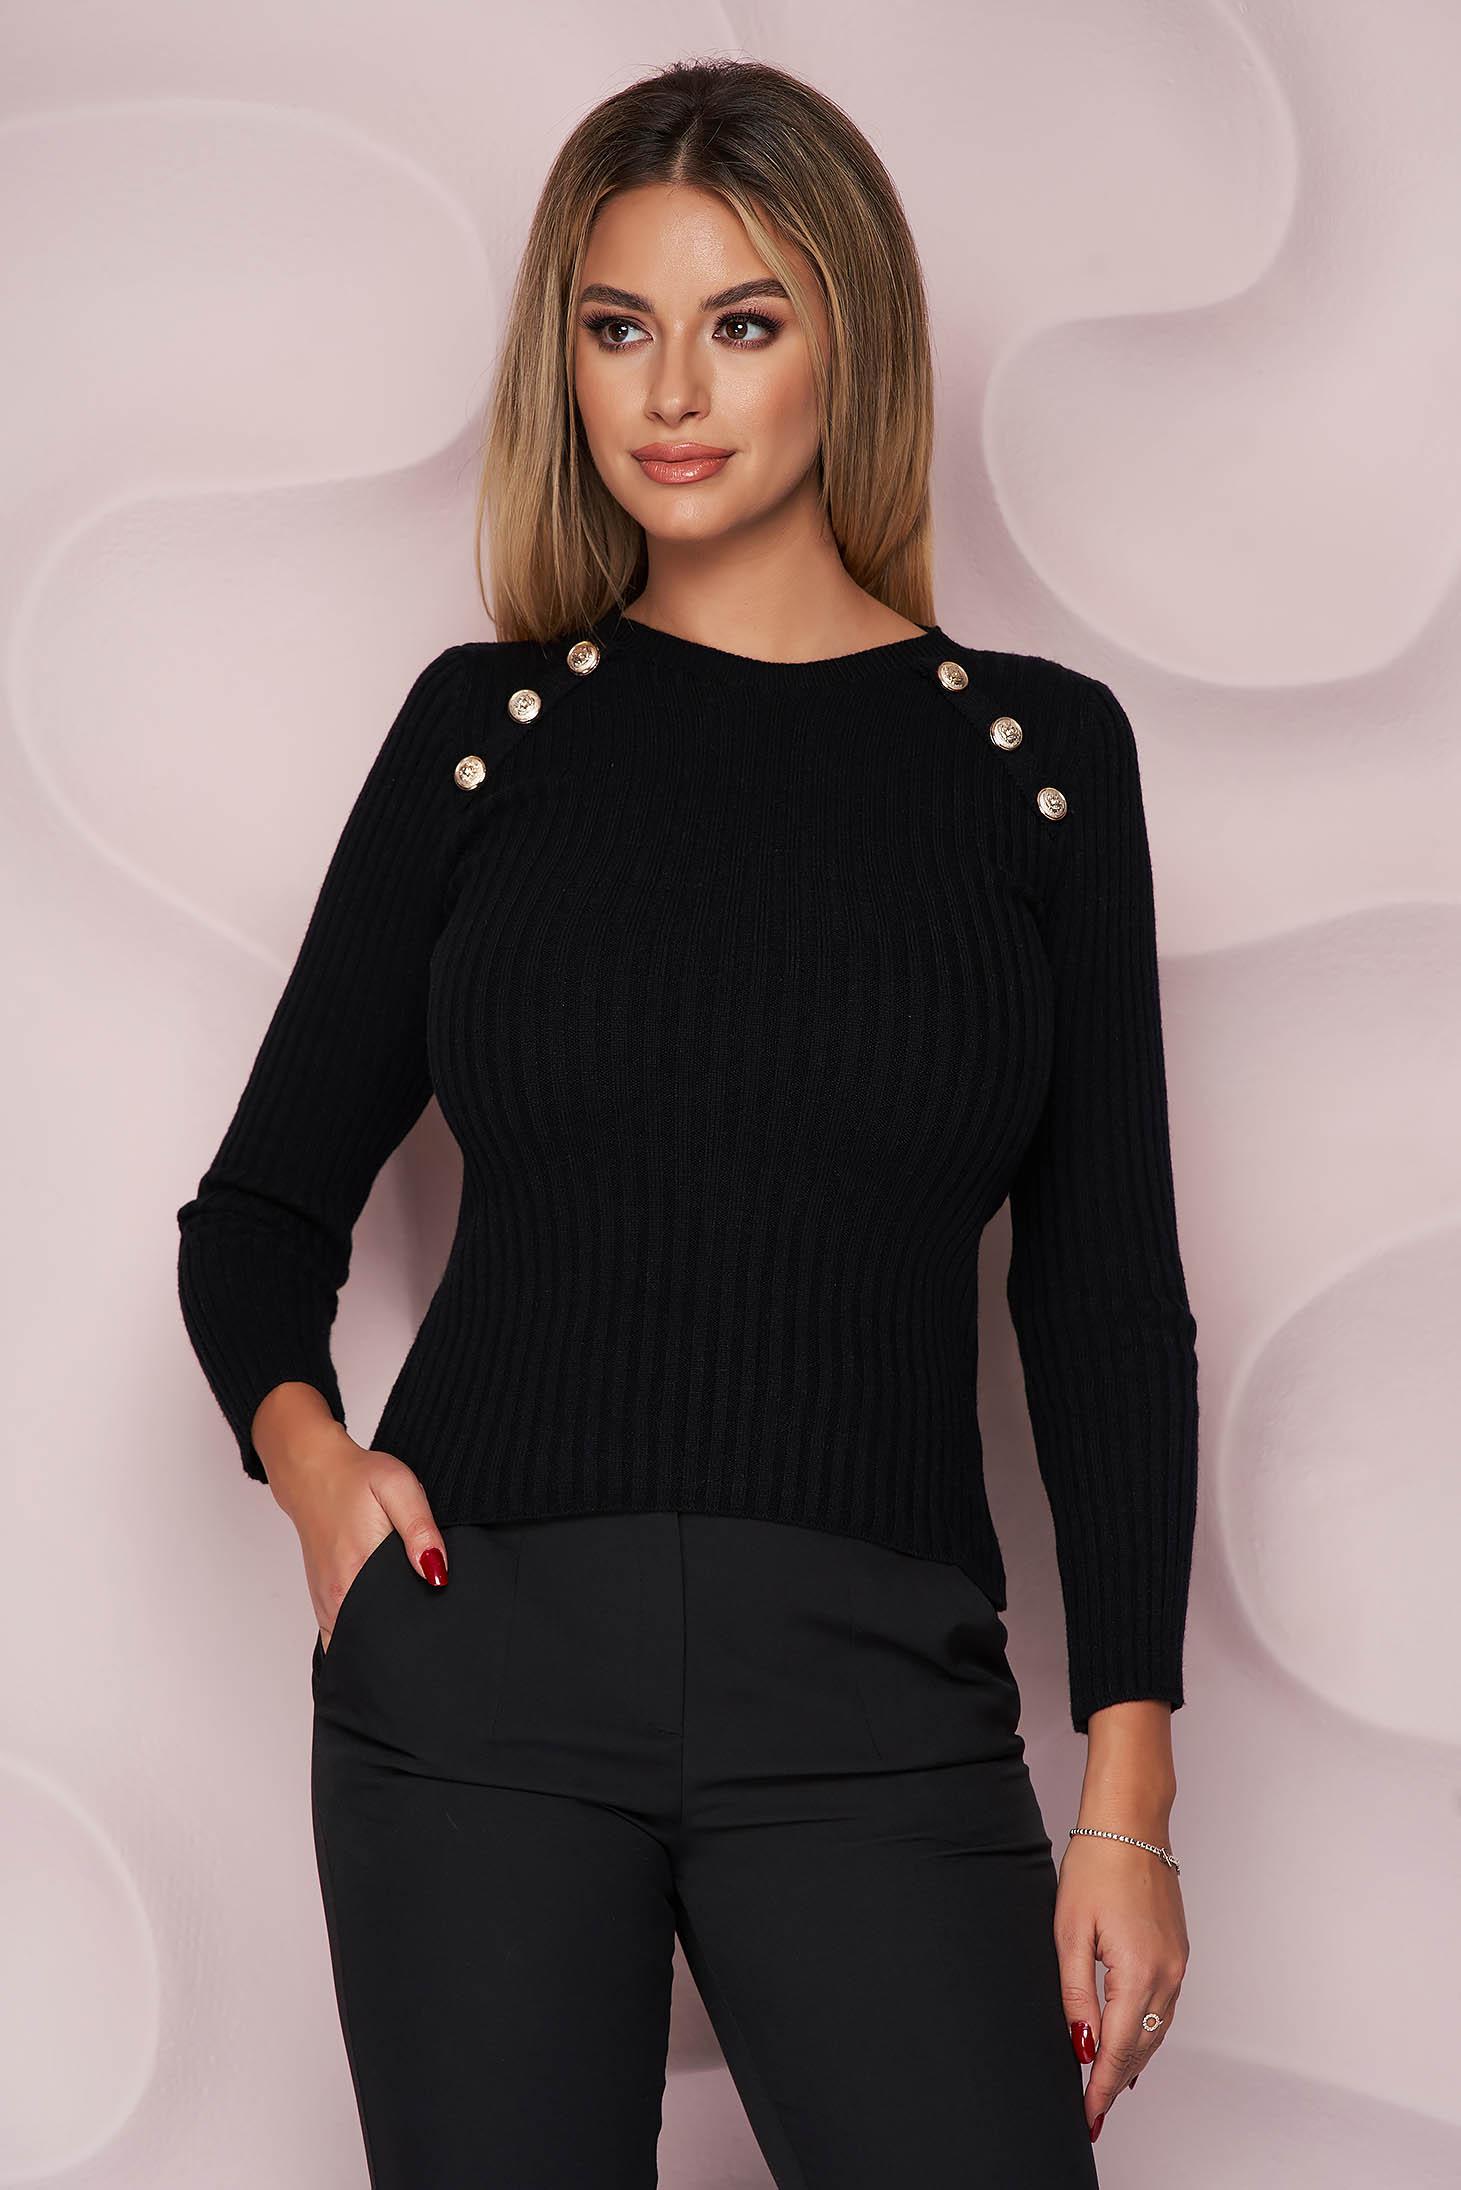 Pulover SunShine negru cu un croi mulat din material tricotat reiat si fin la atingere accesorizat cu nasturi